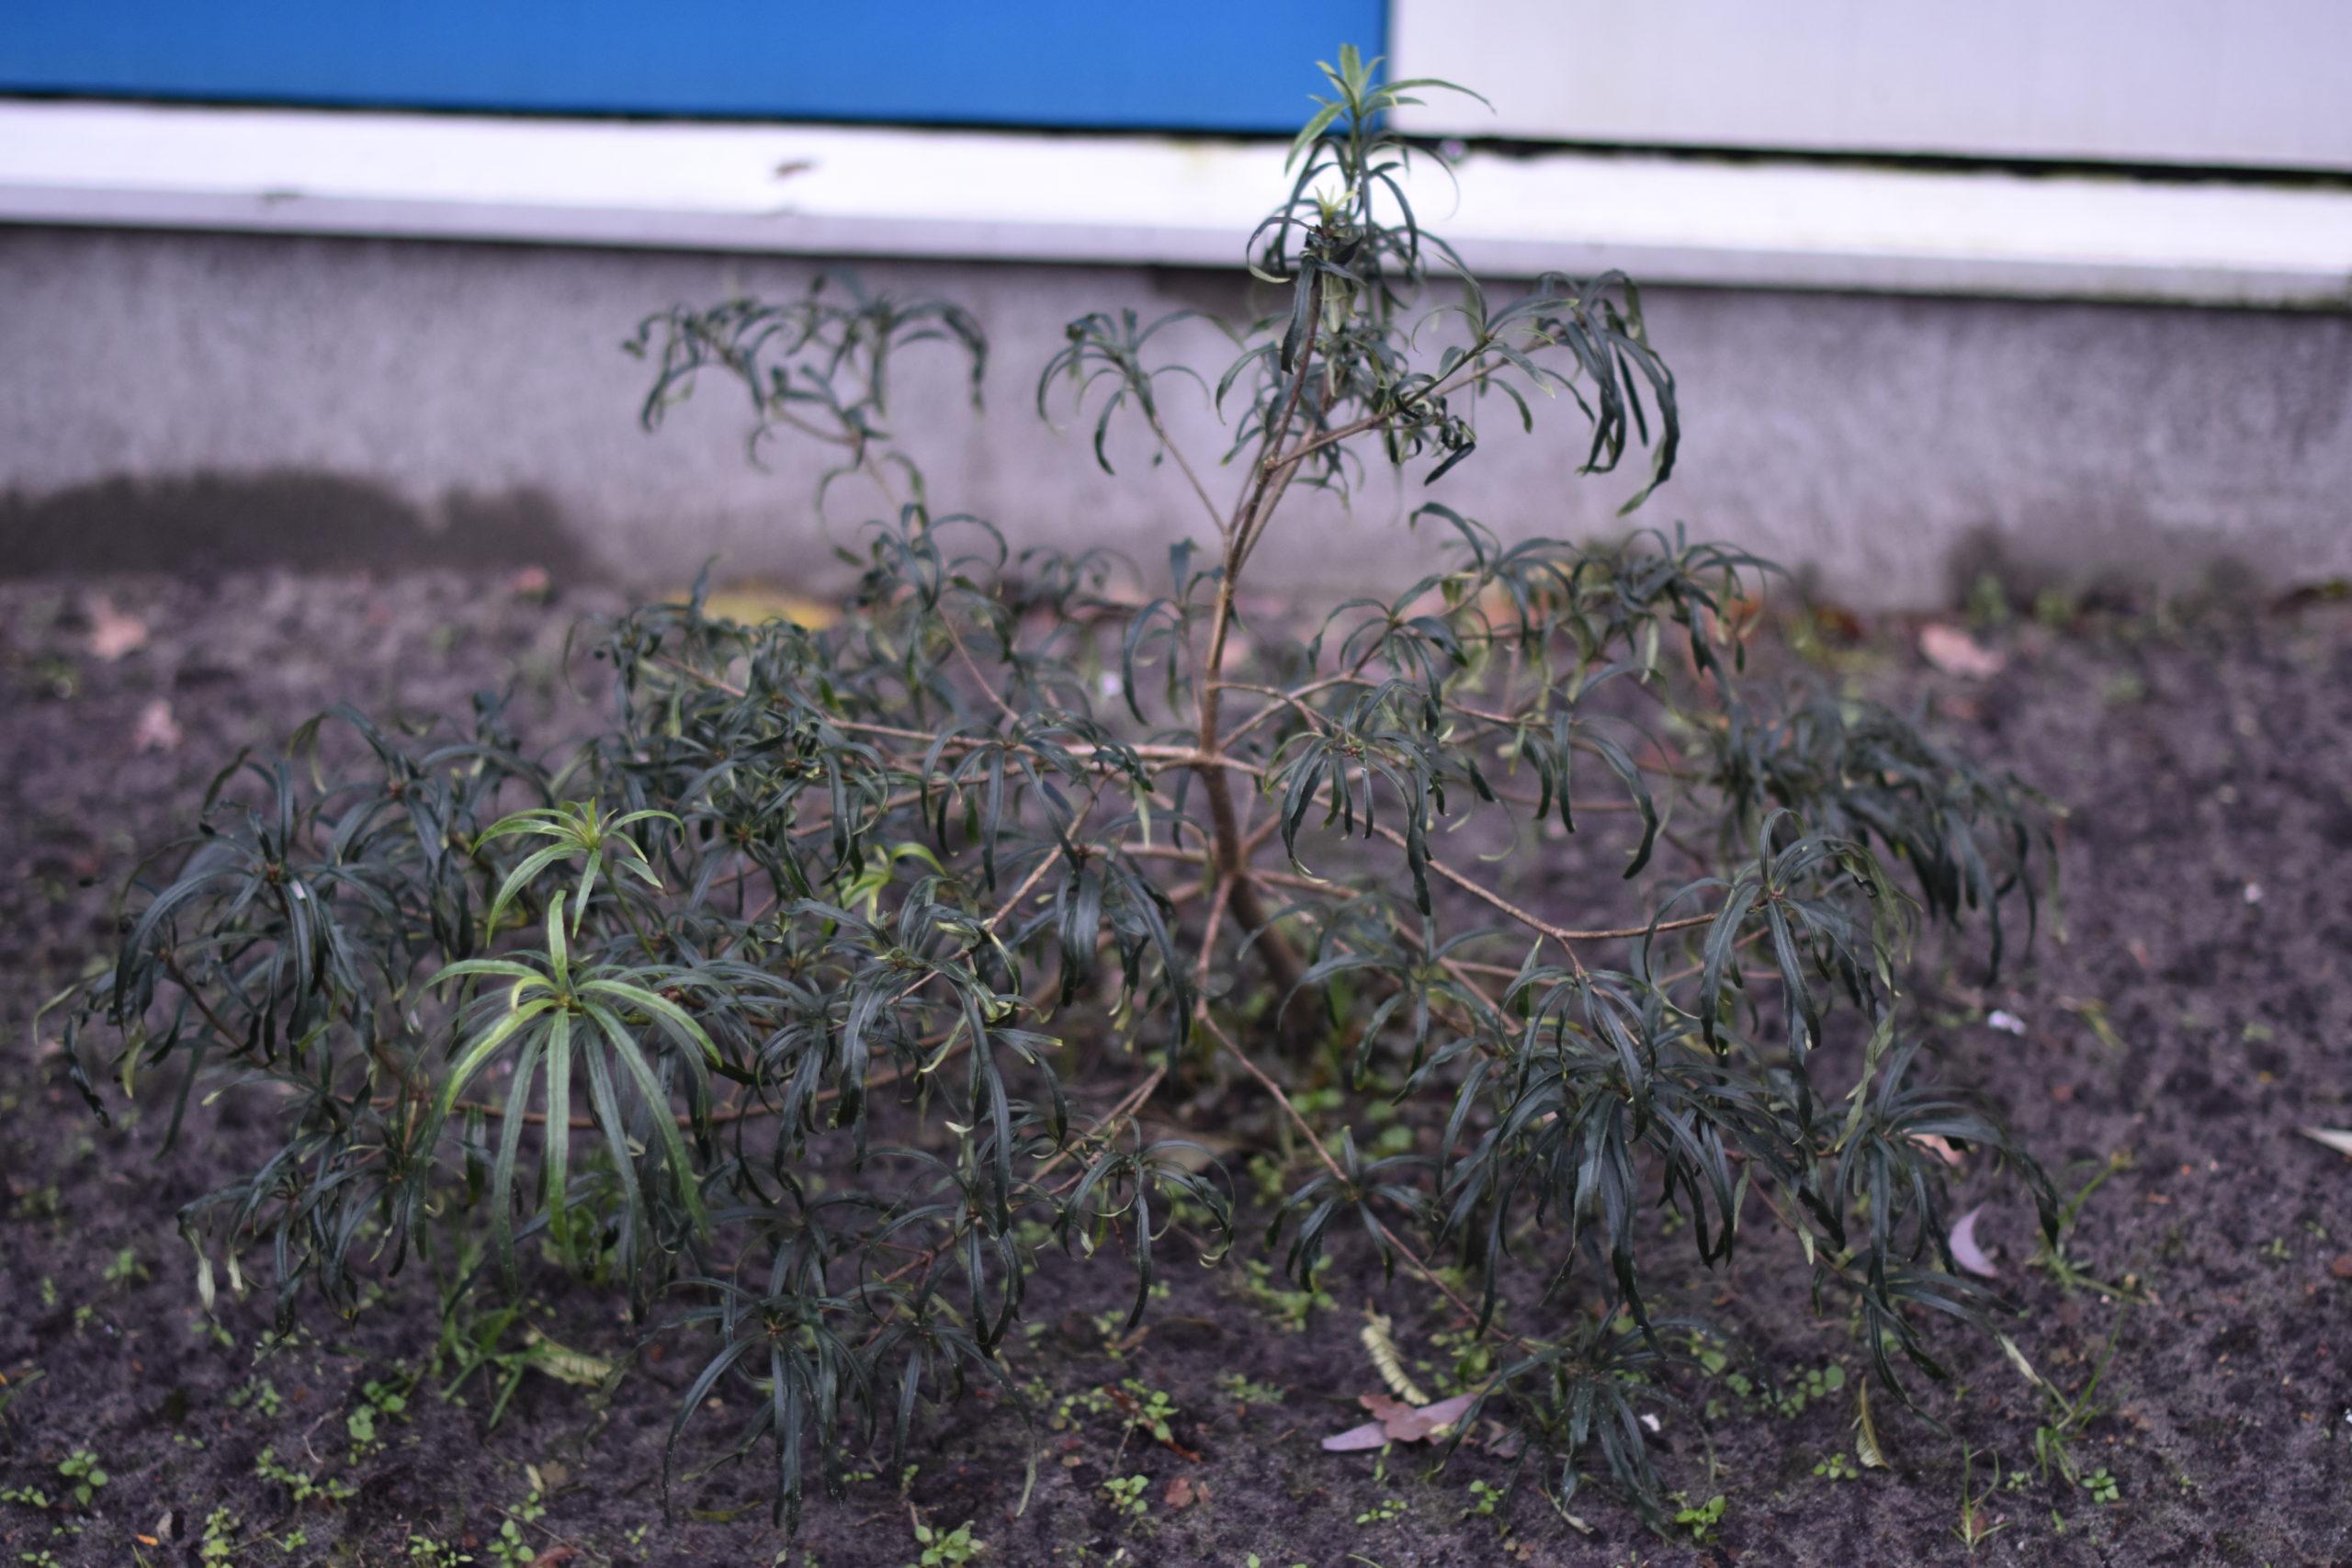 Pittosporum illicioides v. angustifolium